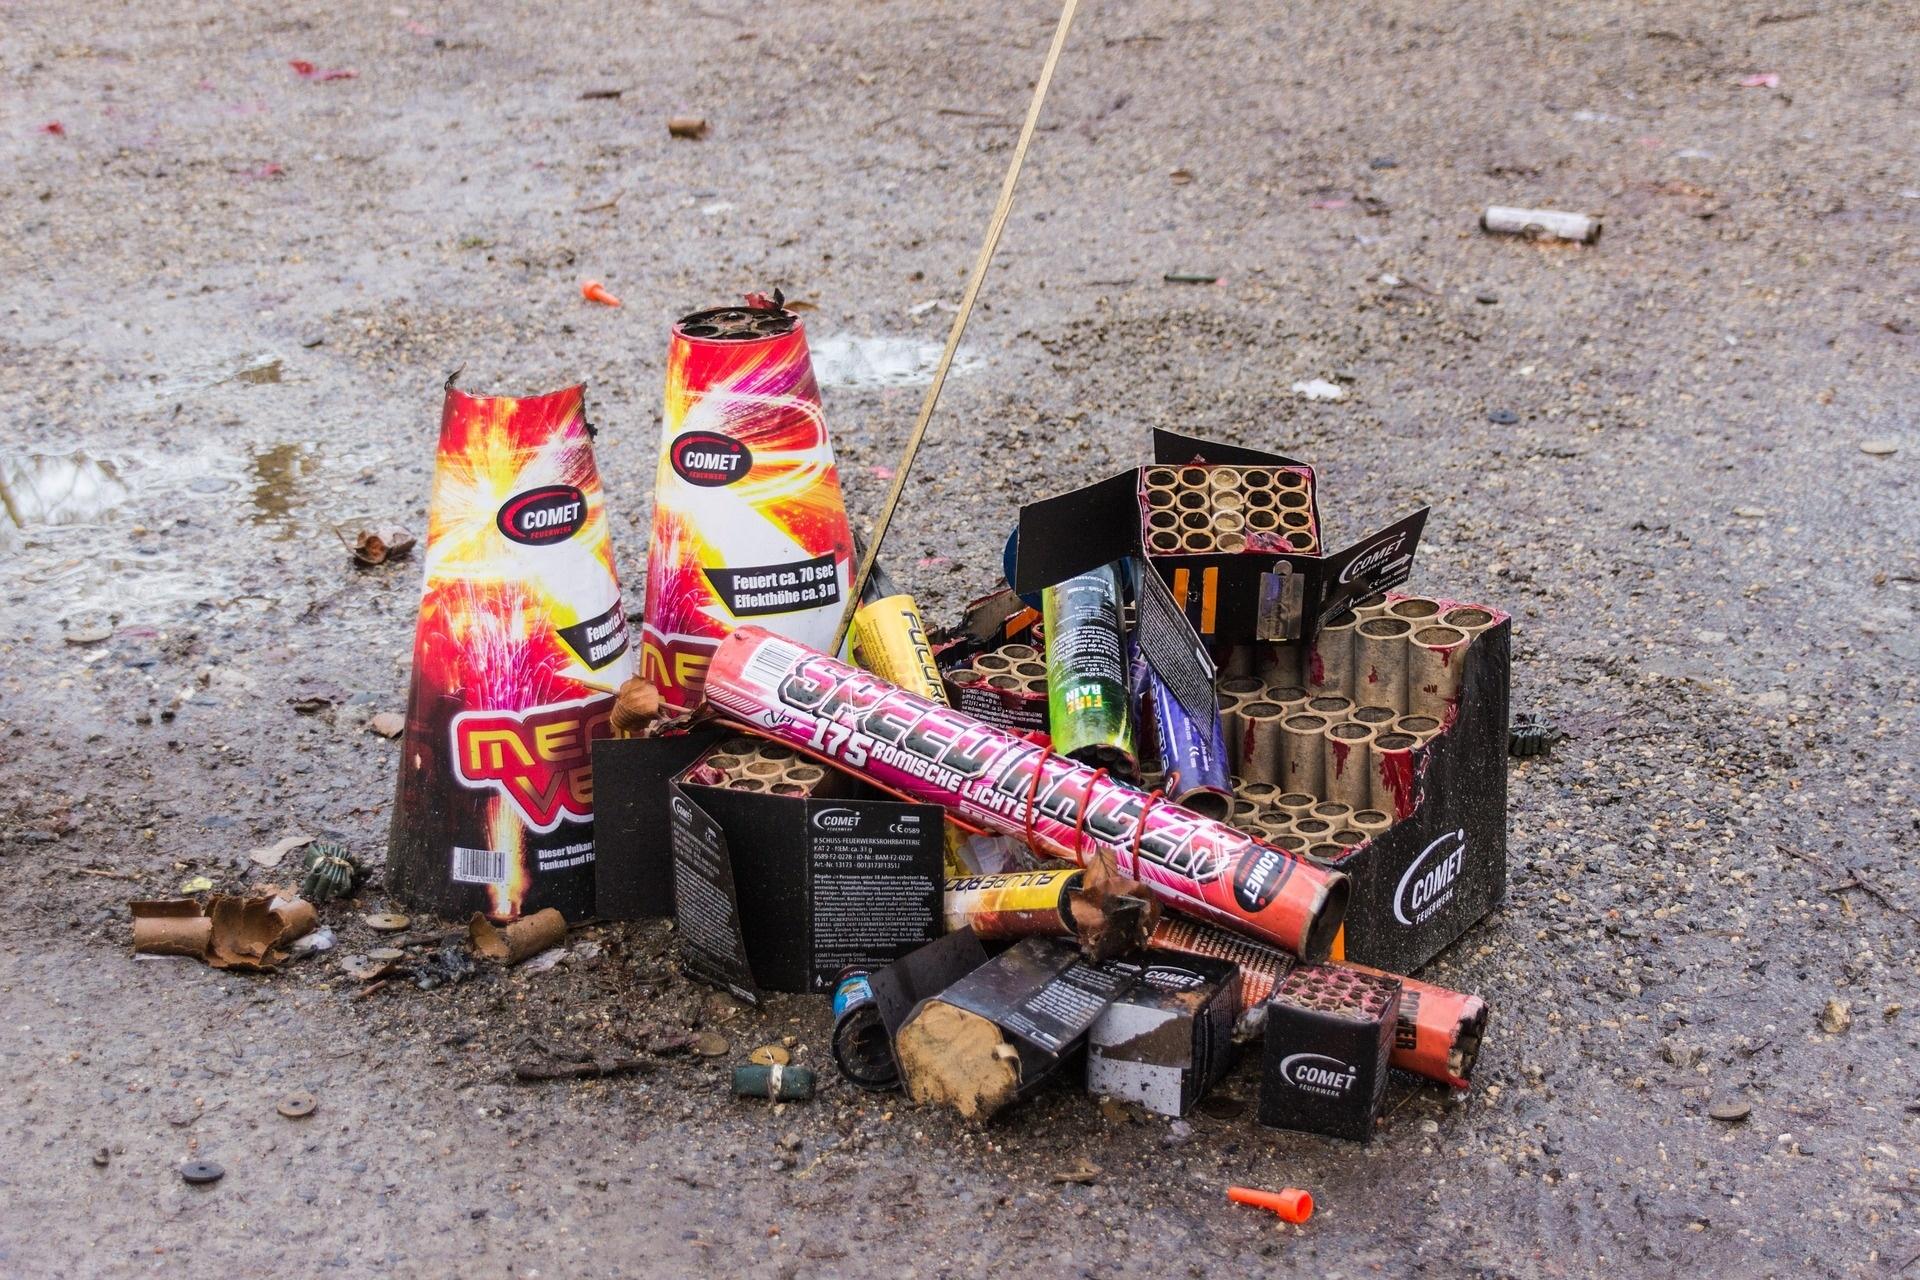 Für Schäden durch wildgewordenes Silvester-Feuerwerk haftet der Verursacher.